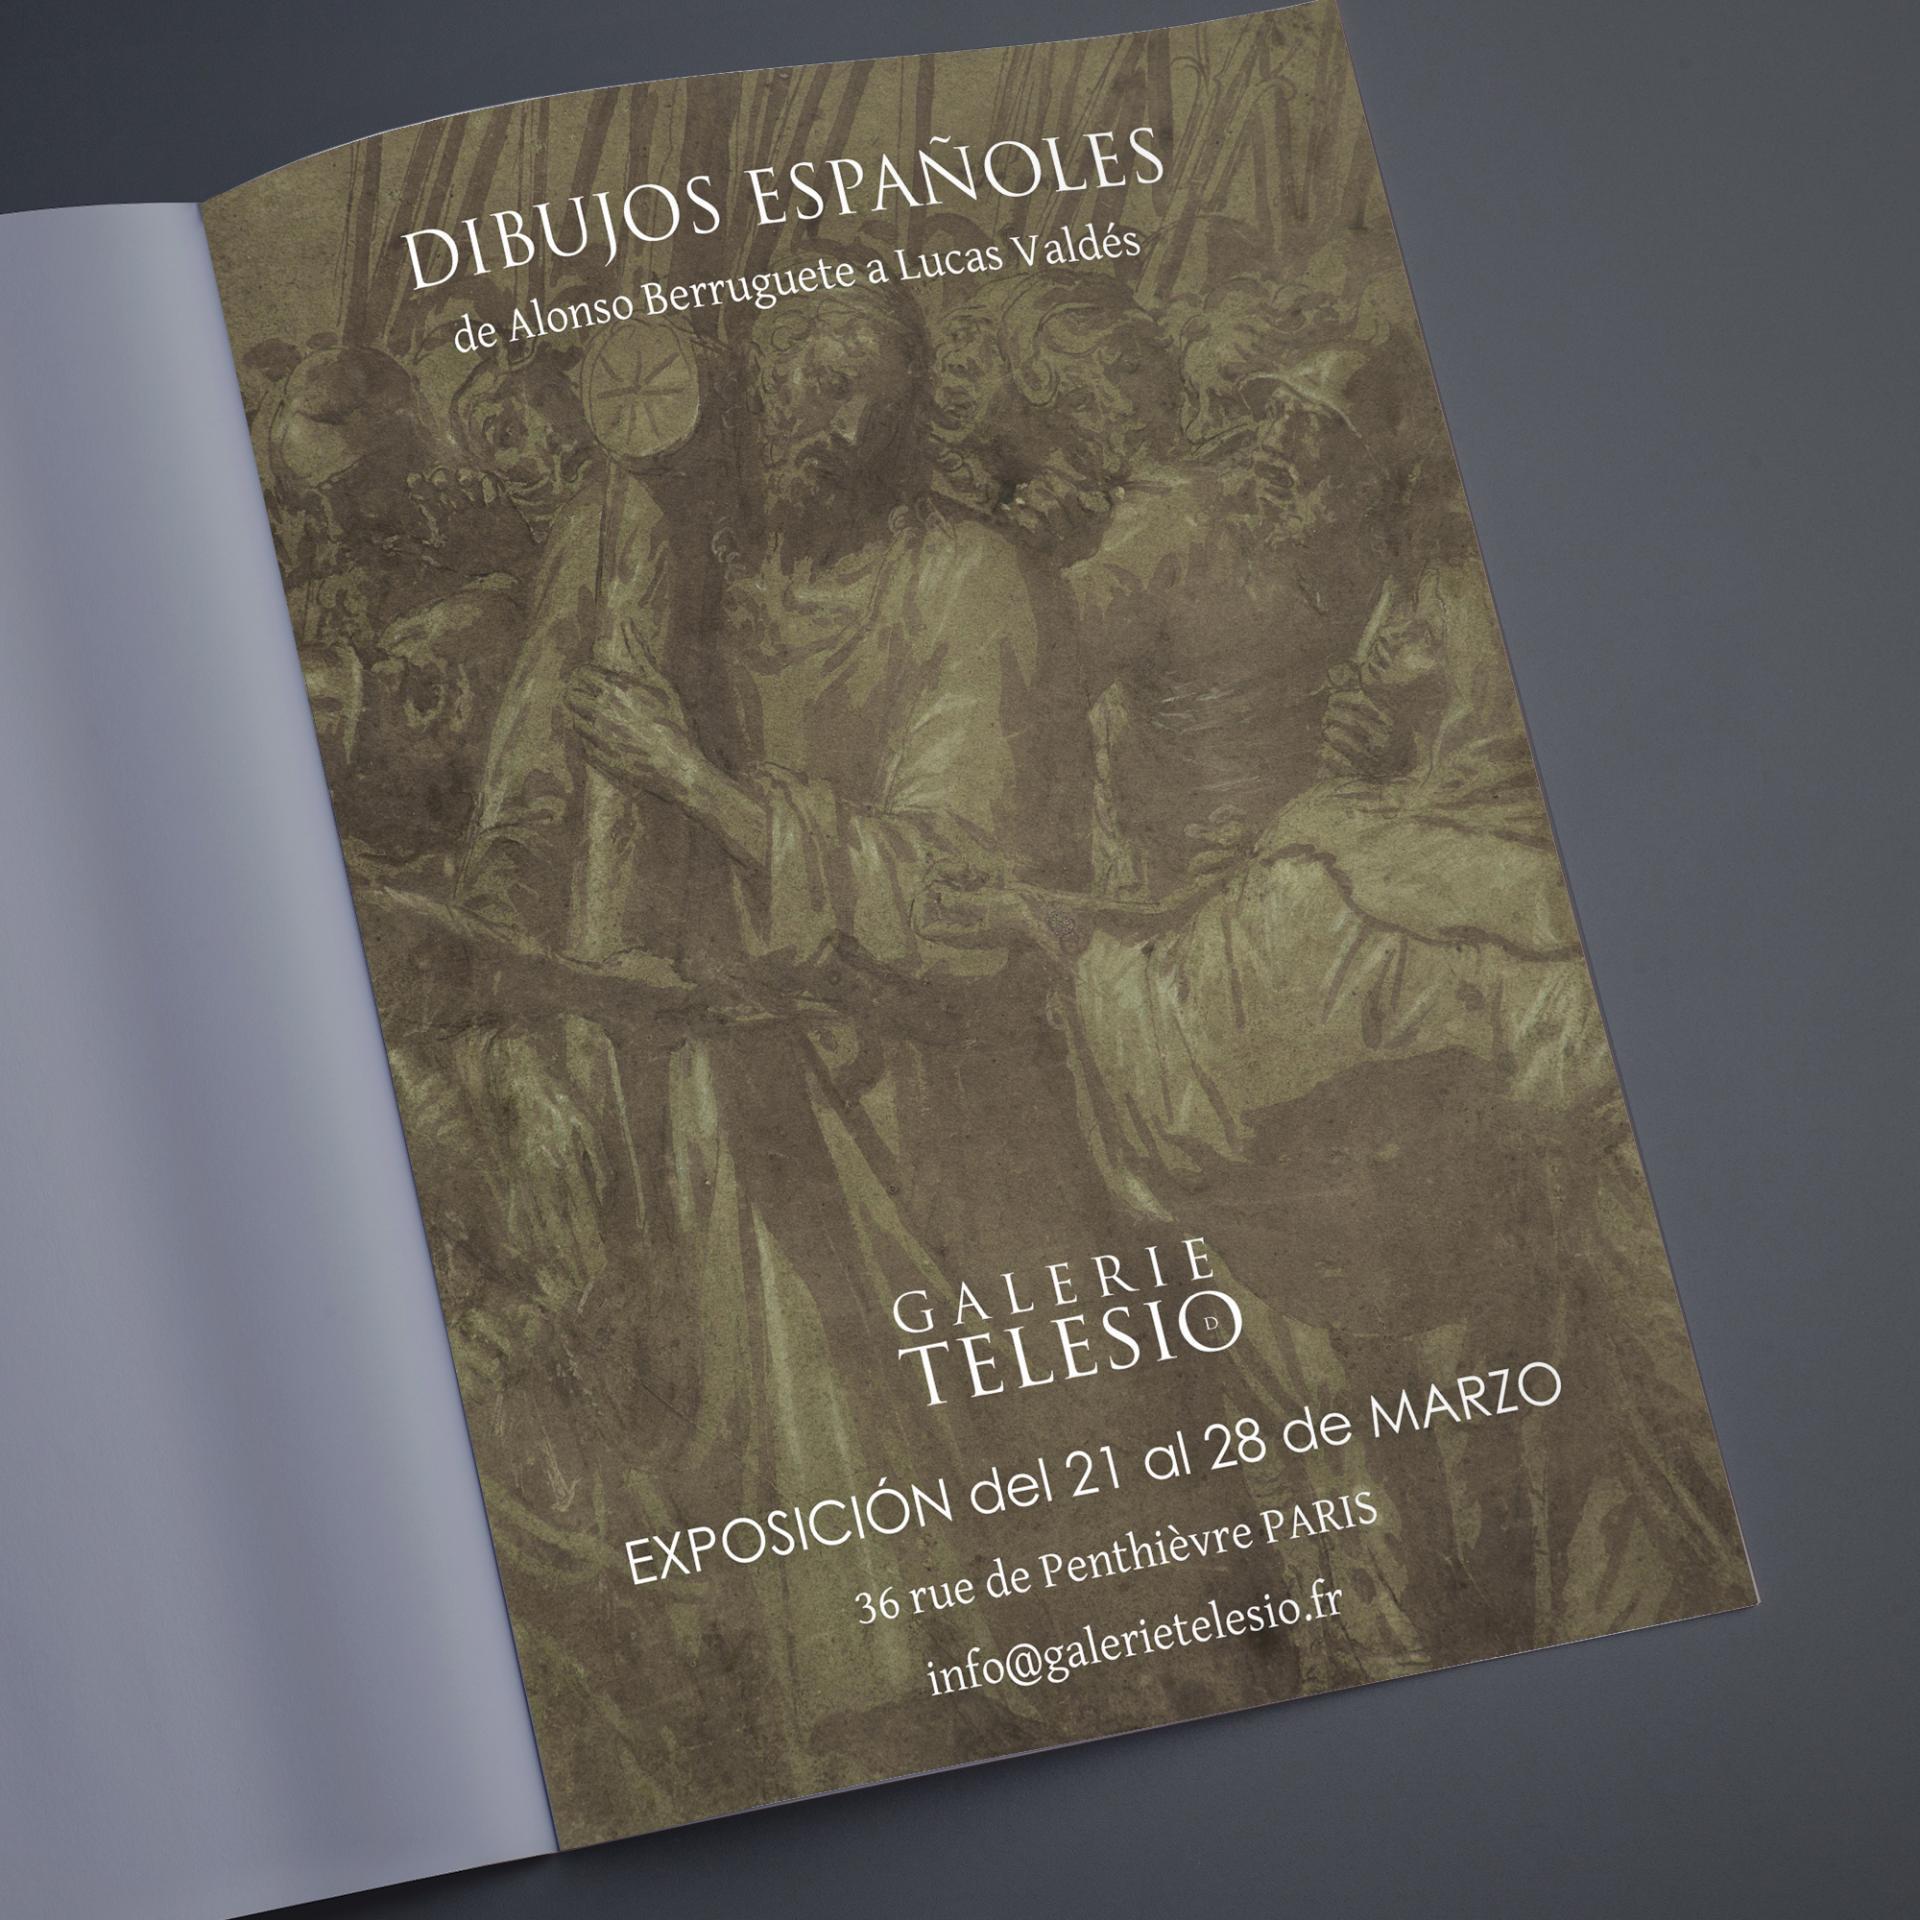 Publicite magazine tendencias galerie telesio